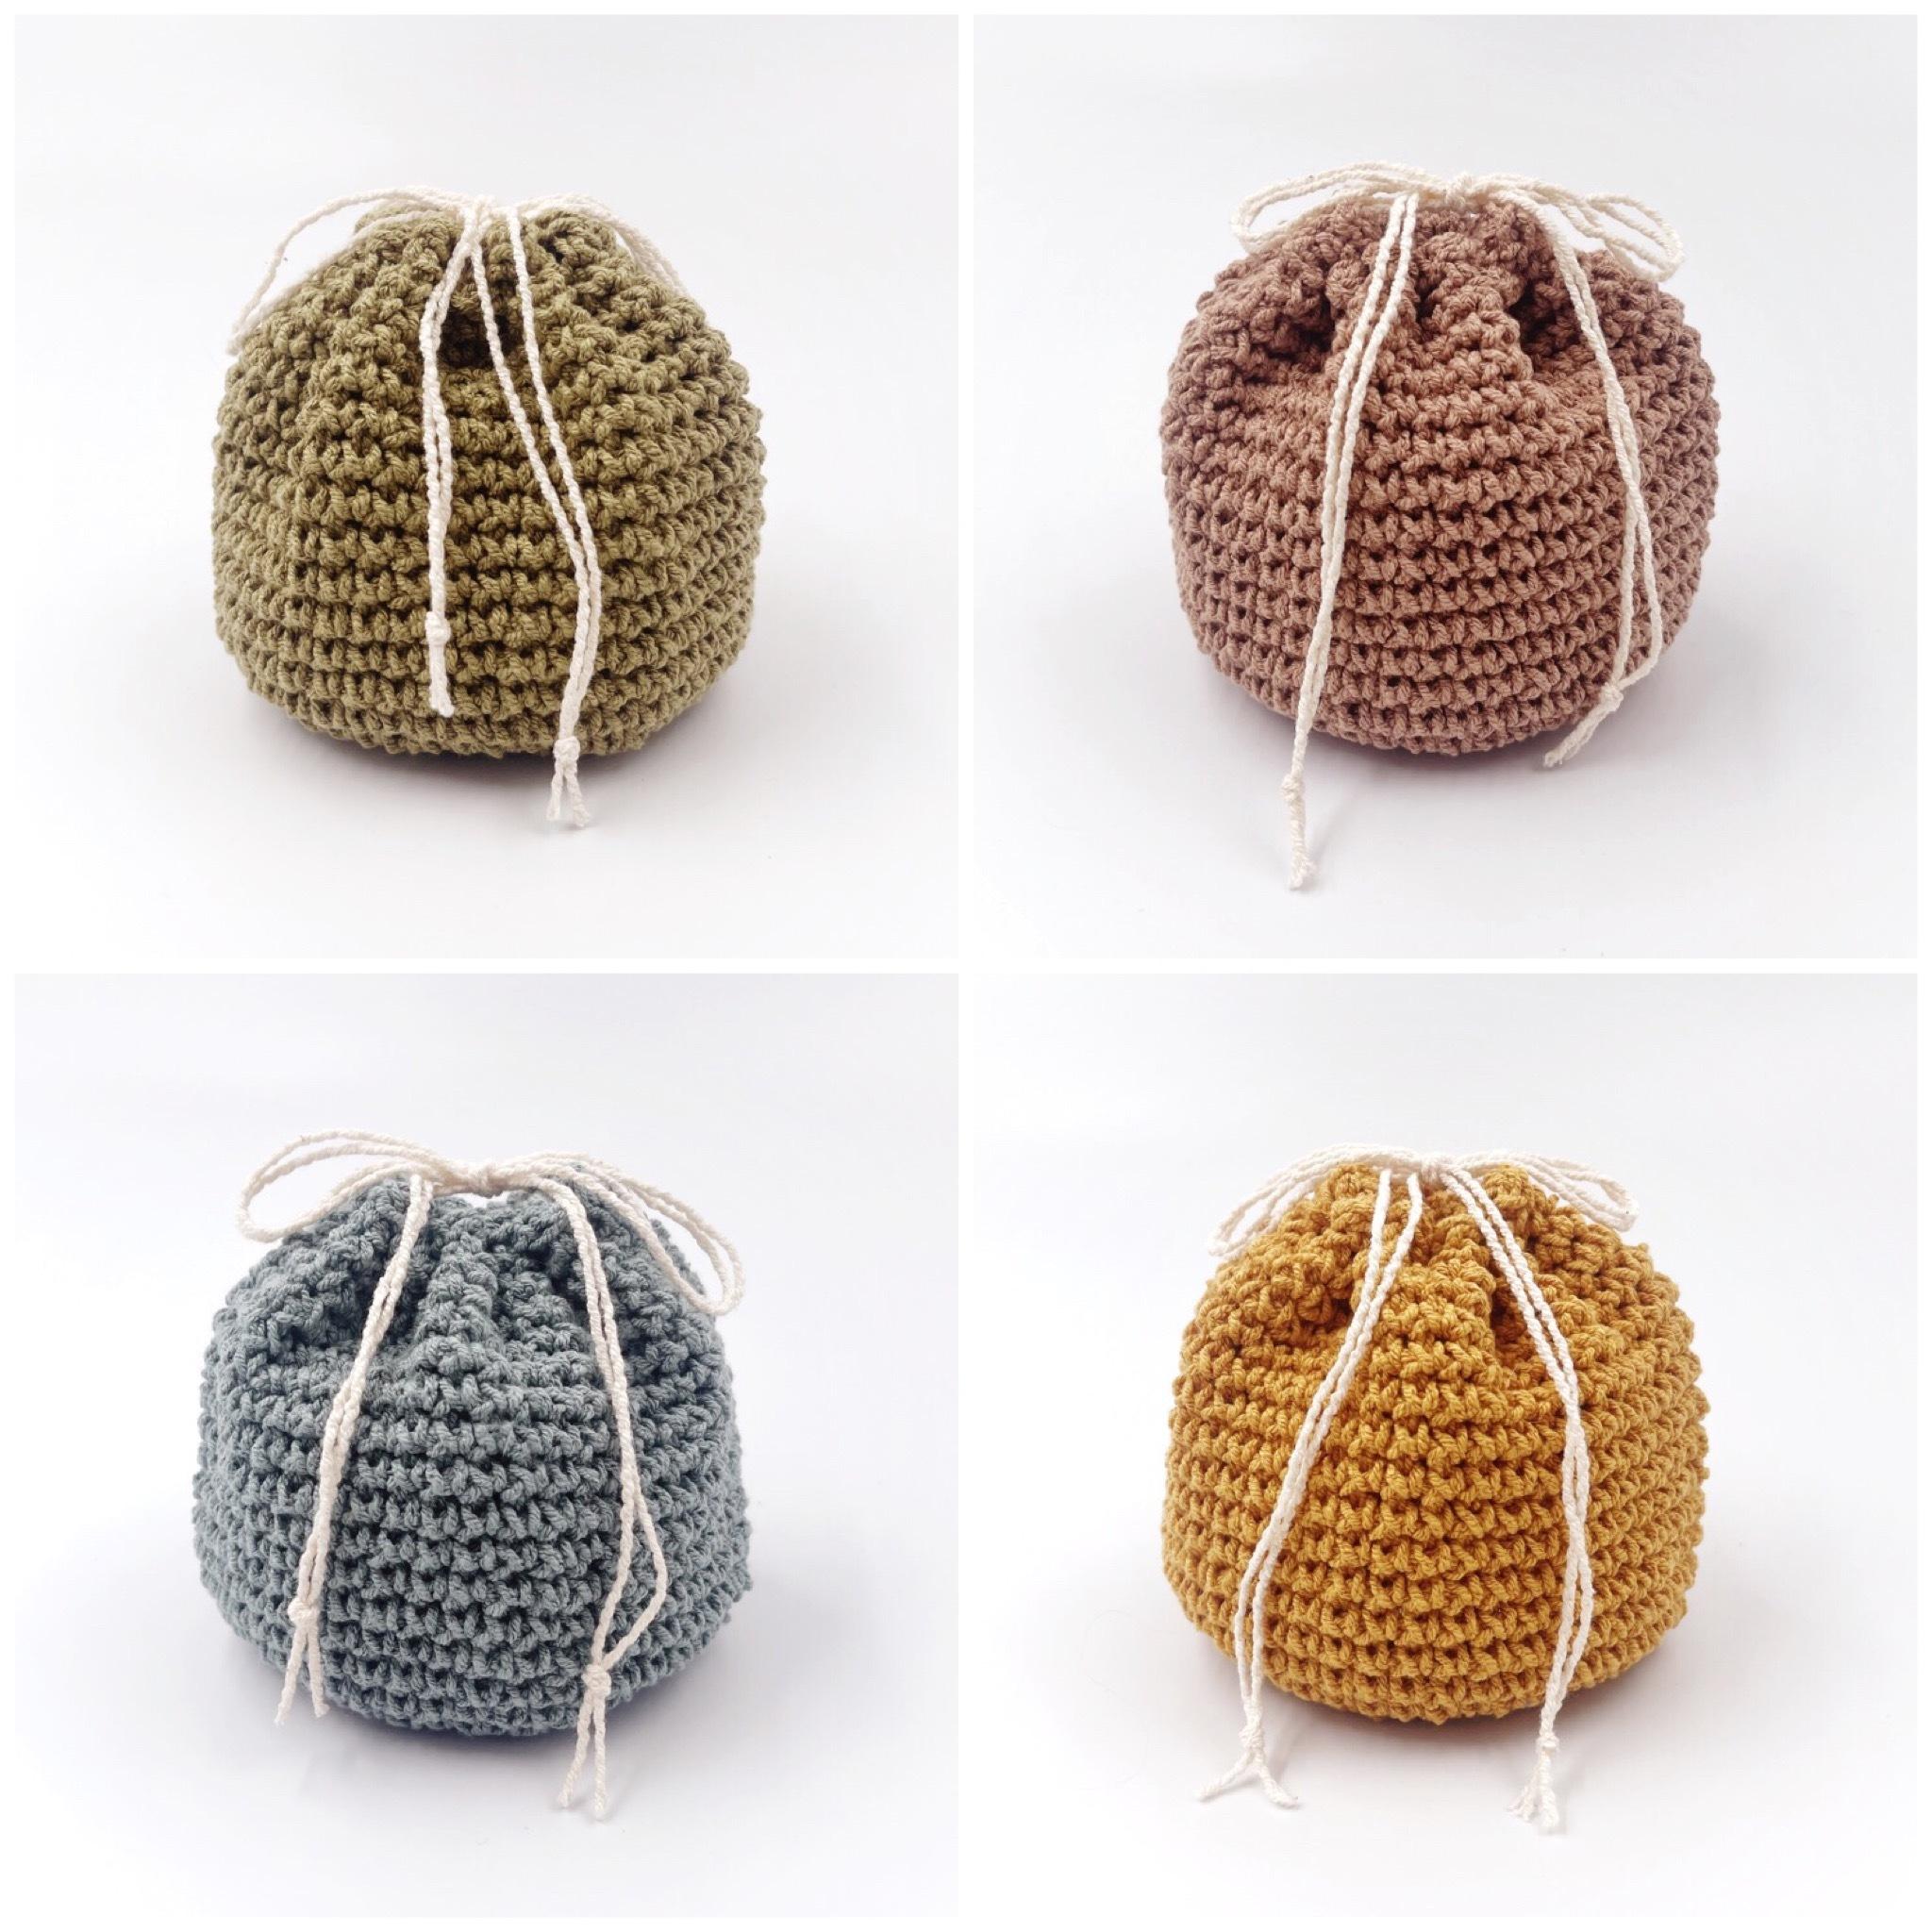 手編み雑貨 HanahanD 手編み 巾着 ハンドメイド はなはんど